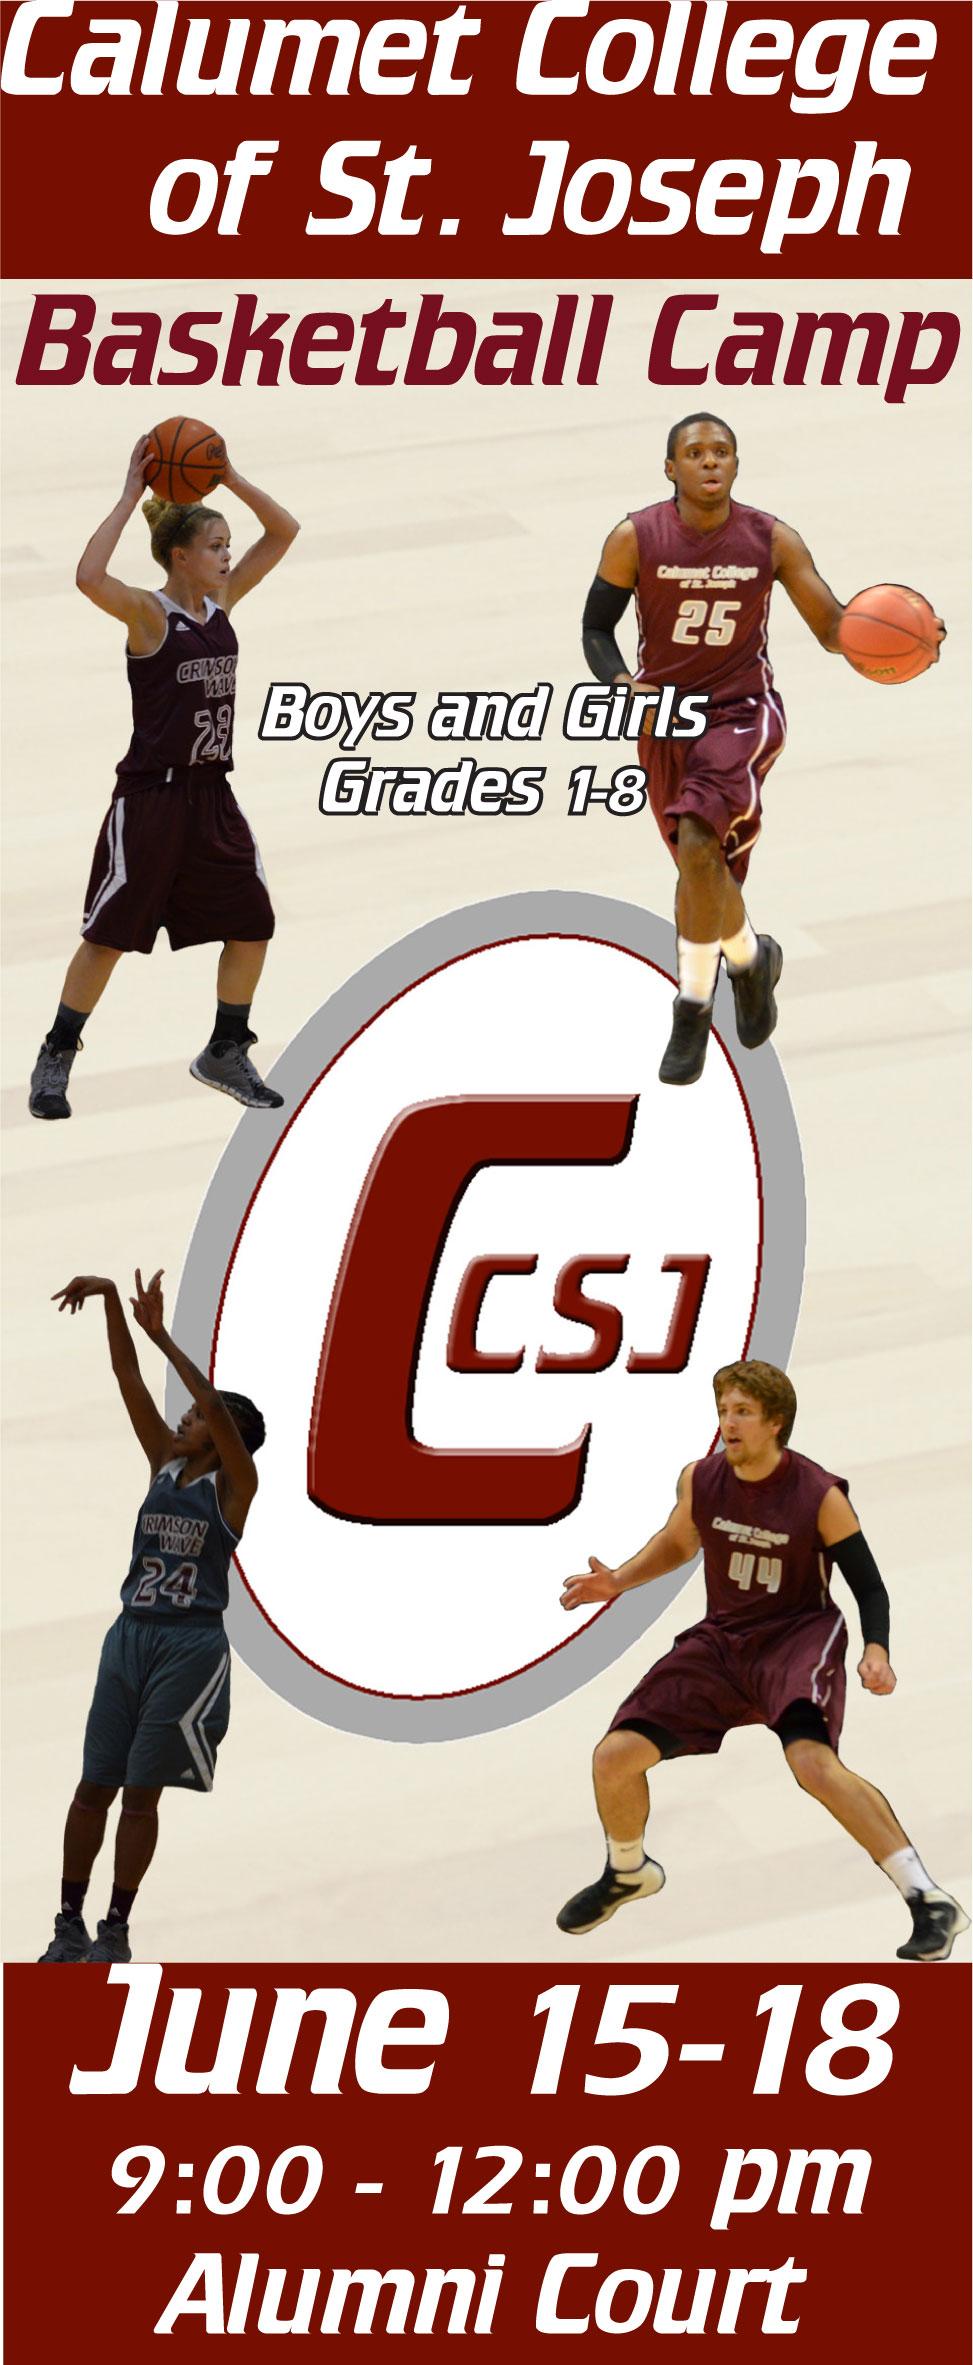 ccsj-cal-bball-2015-camp